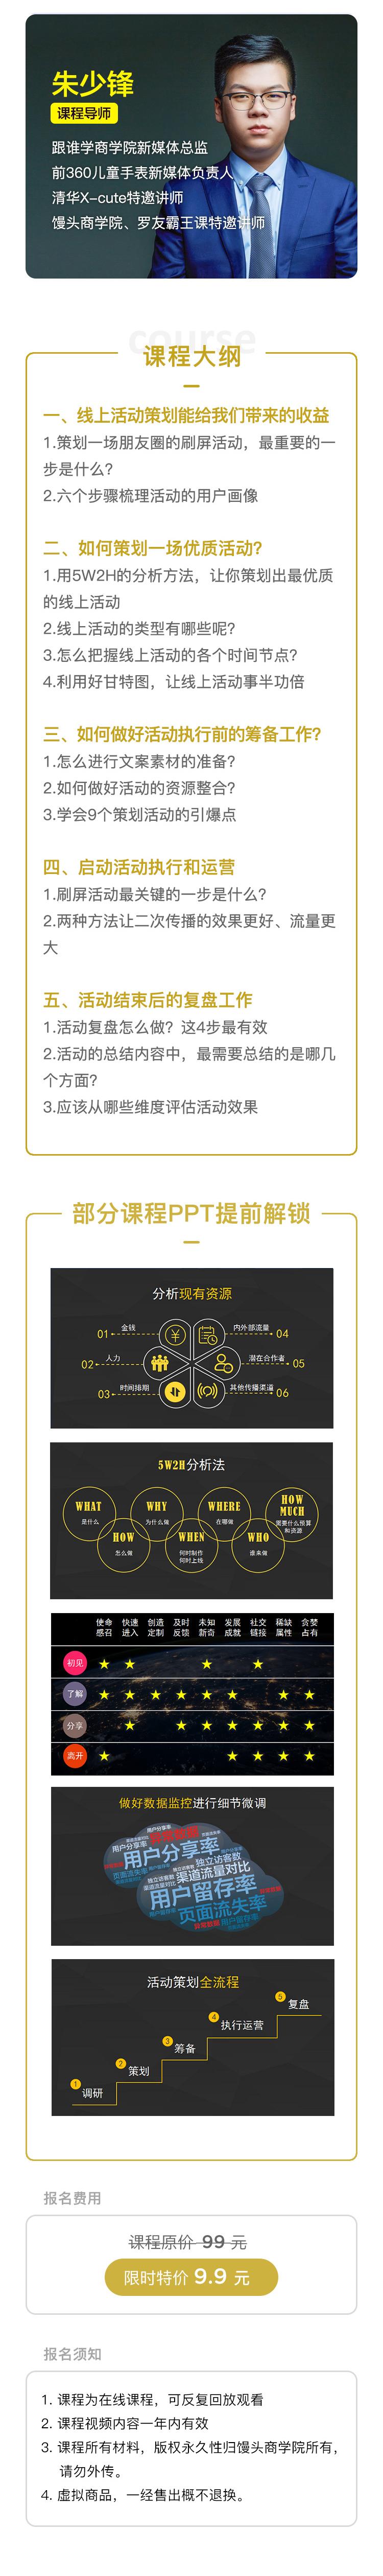 http://mtedu-img.oss-cn-beijing-internal.aliyuncs.com/ueditor/20190506143218_748781.jpg